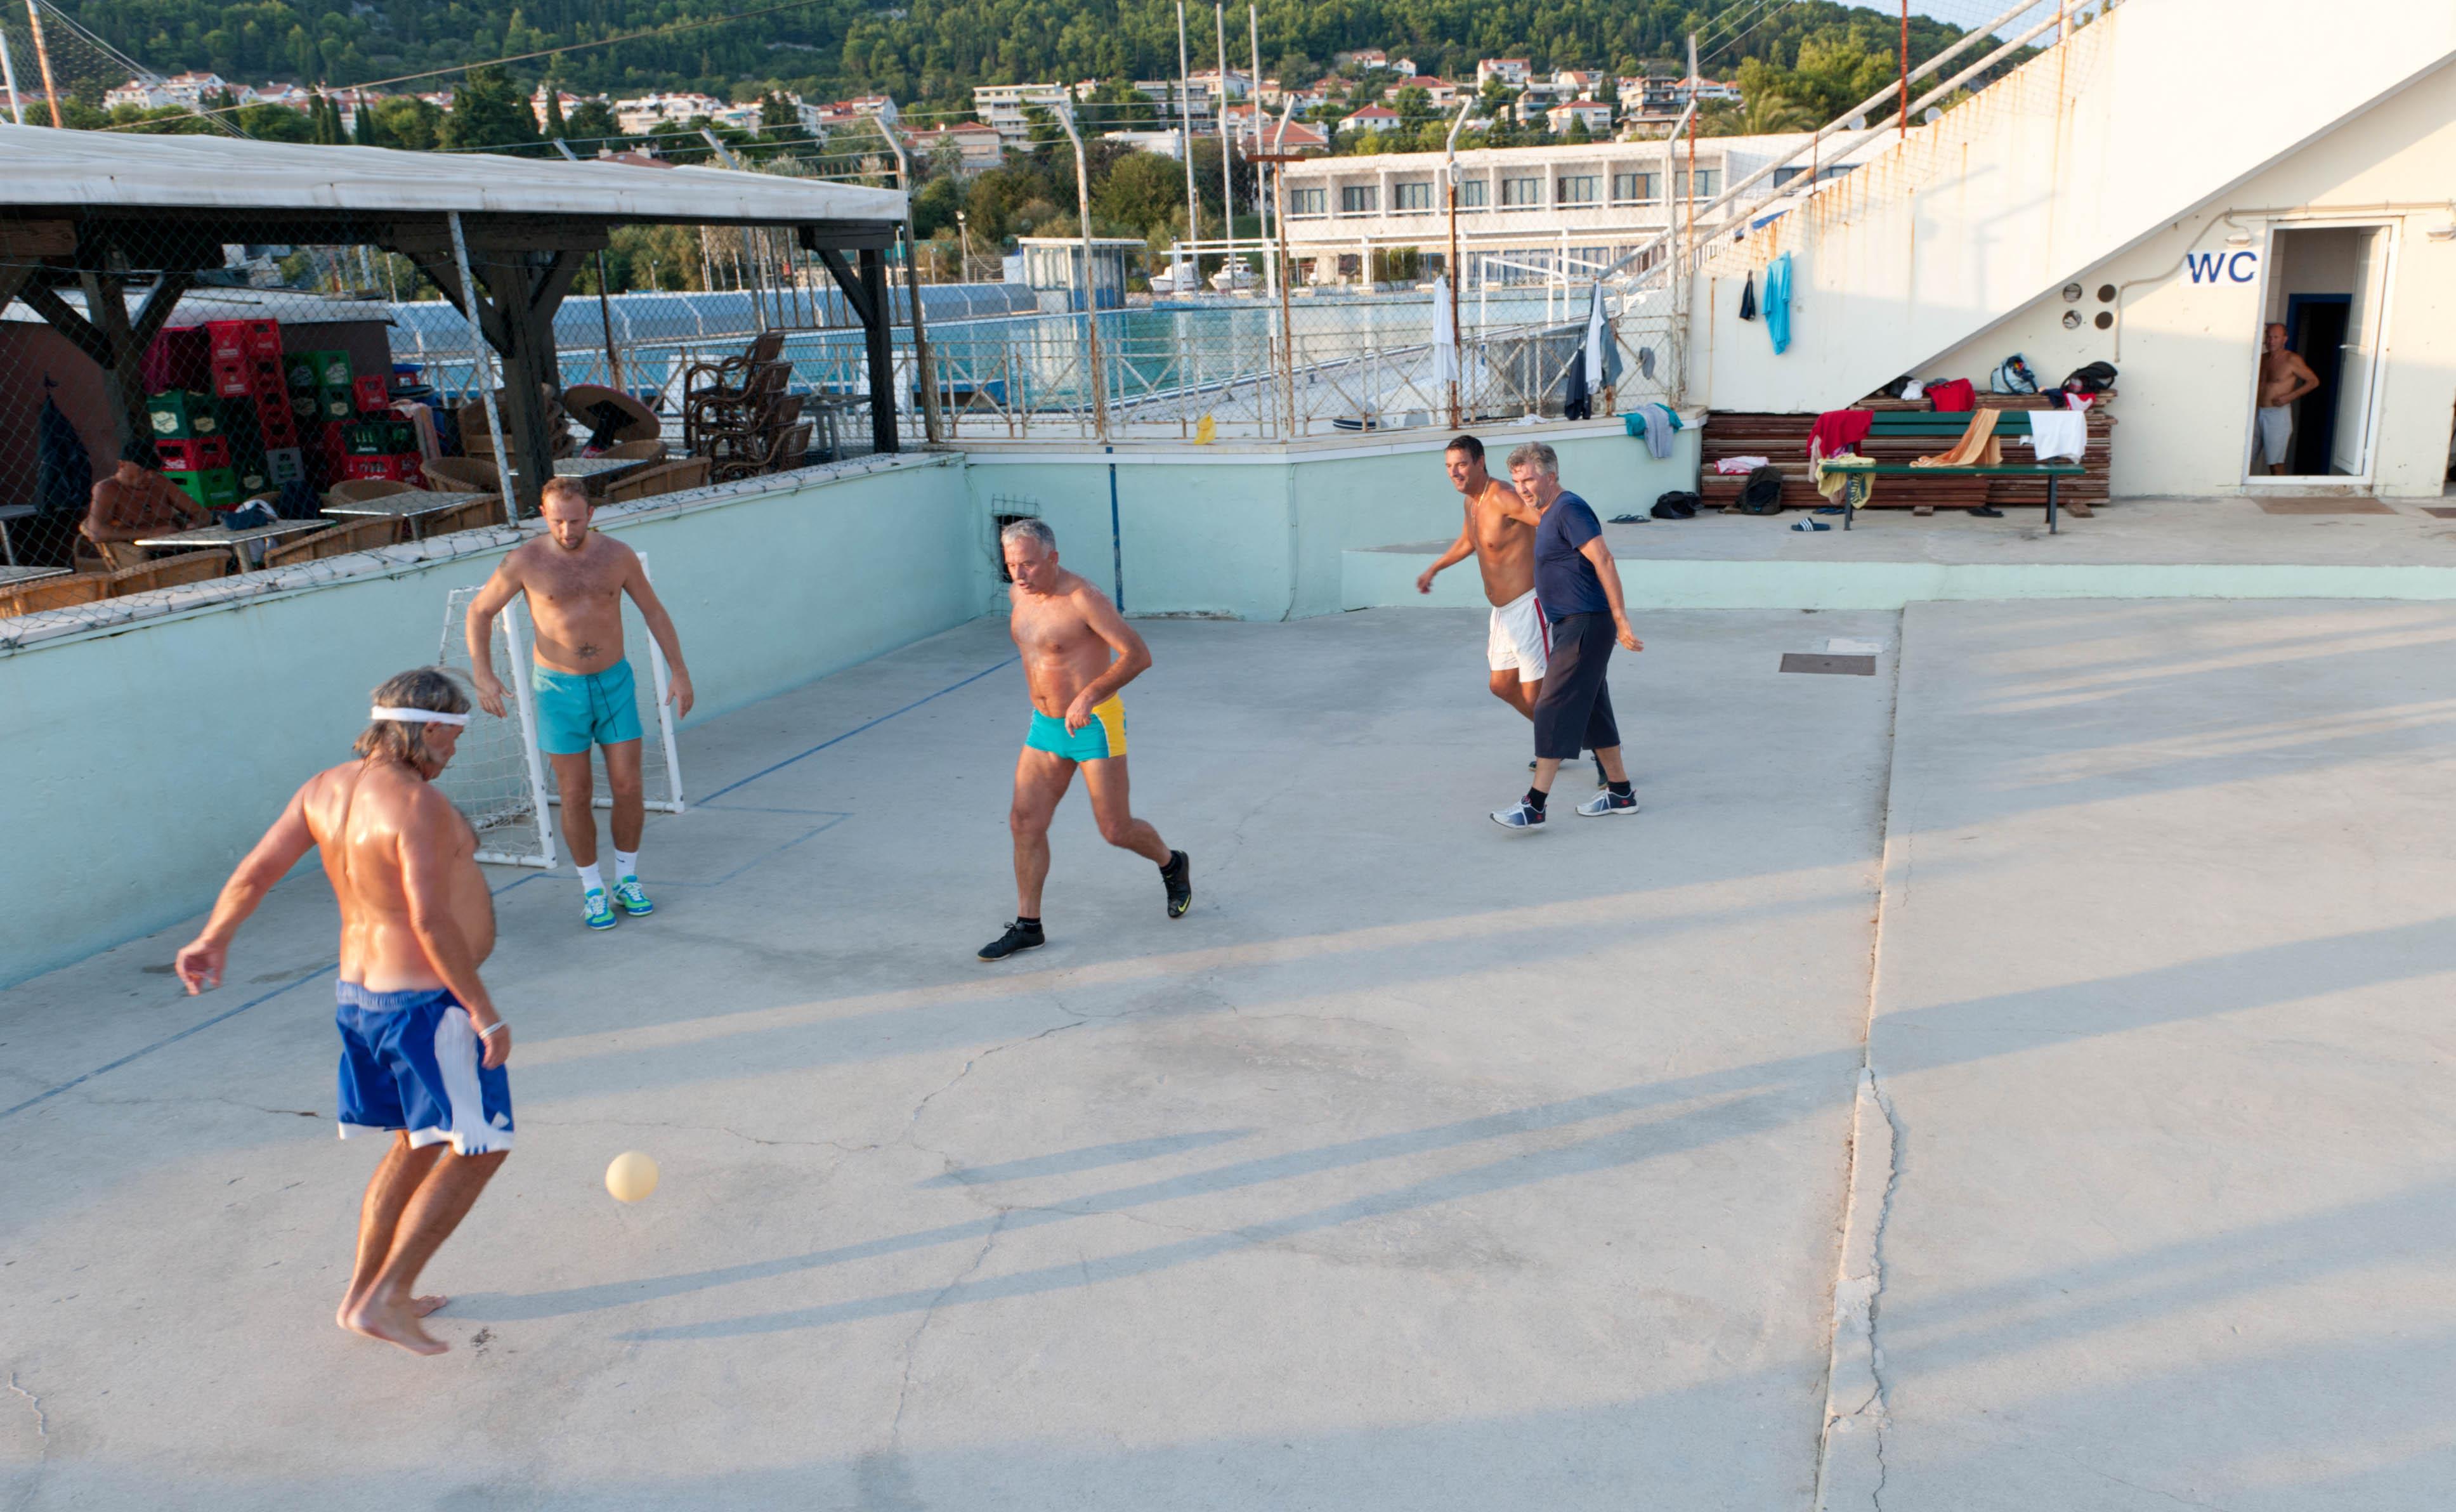 0310-Split - Jadran Balunjeri club house (Dalmatie centrale)